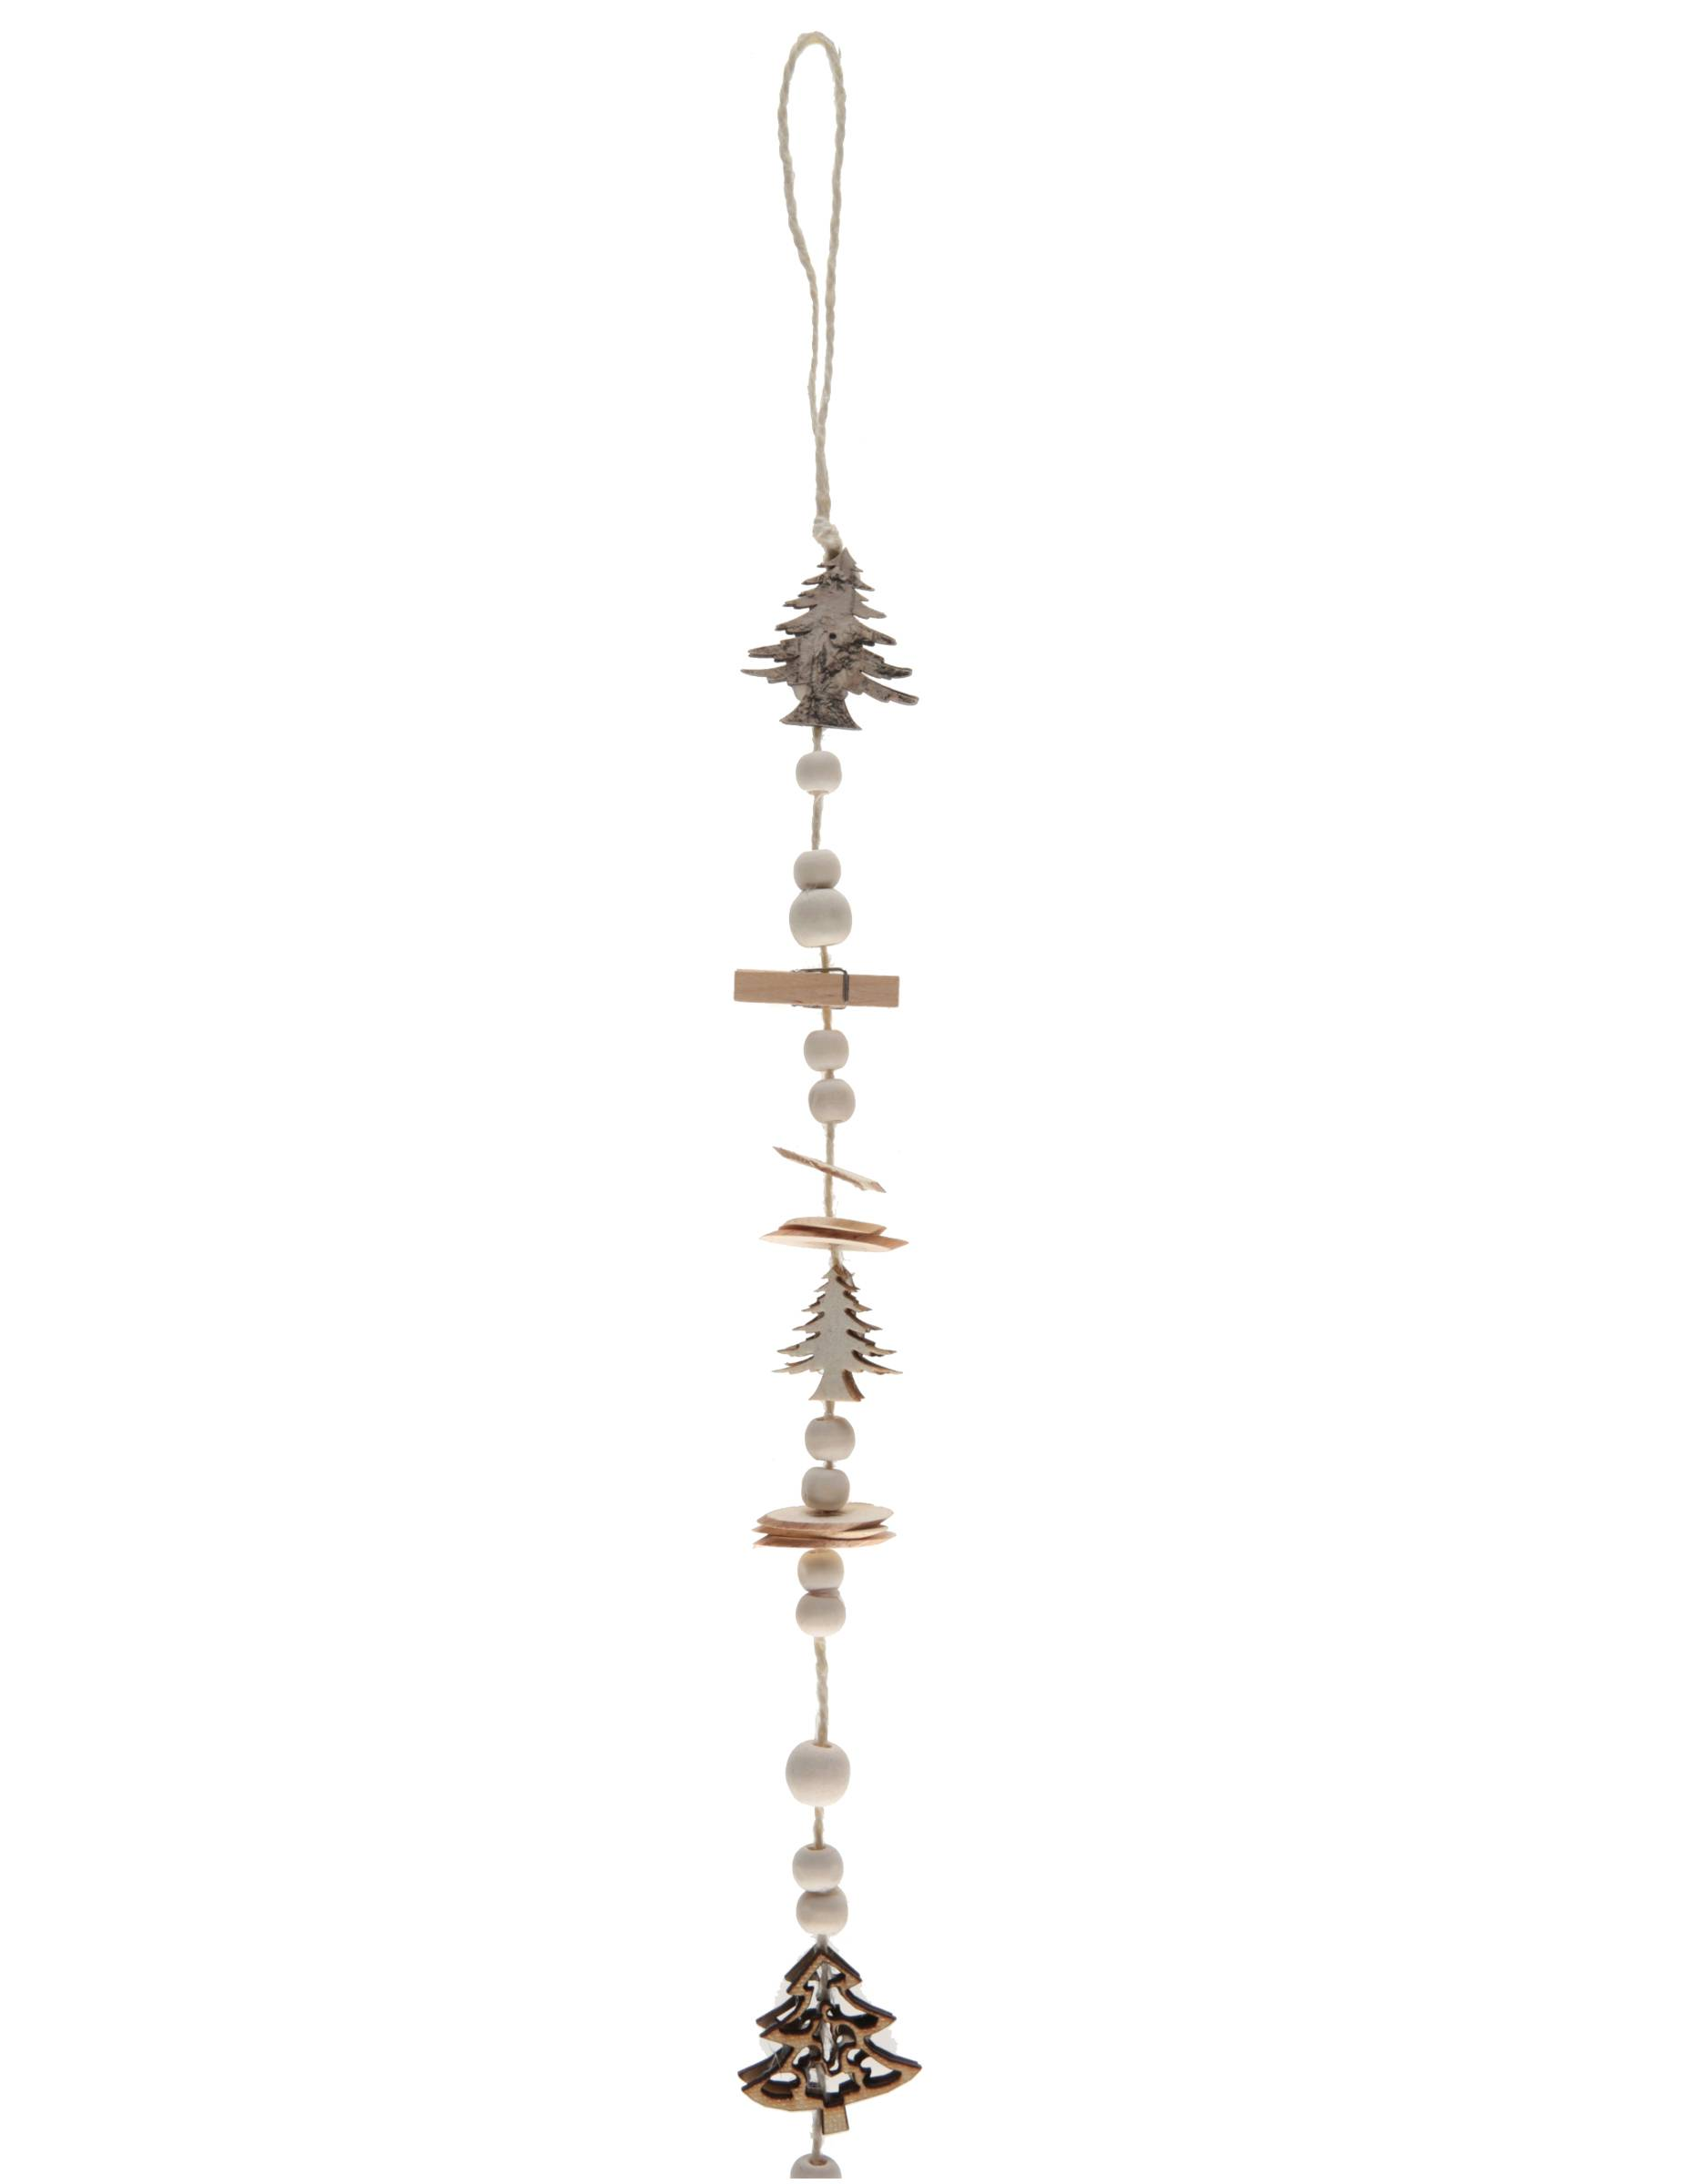 VegaooParty Suspension avec perles, pinces et sapins en bois naturel 116 cm